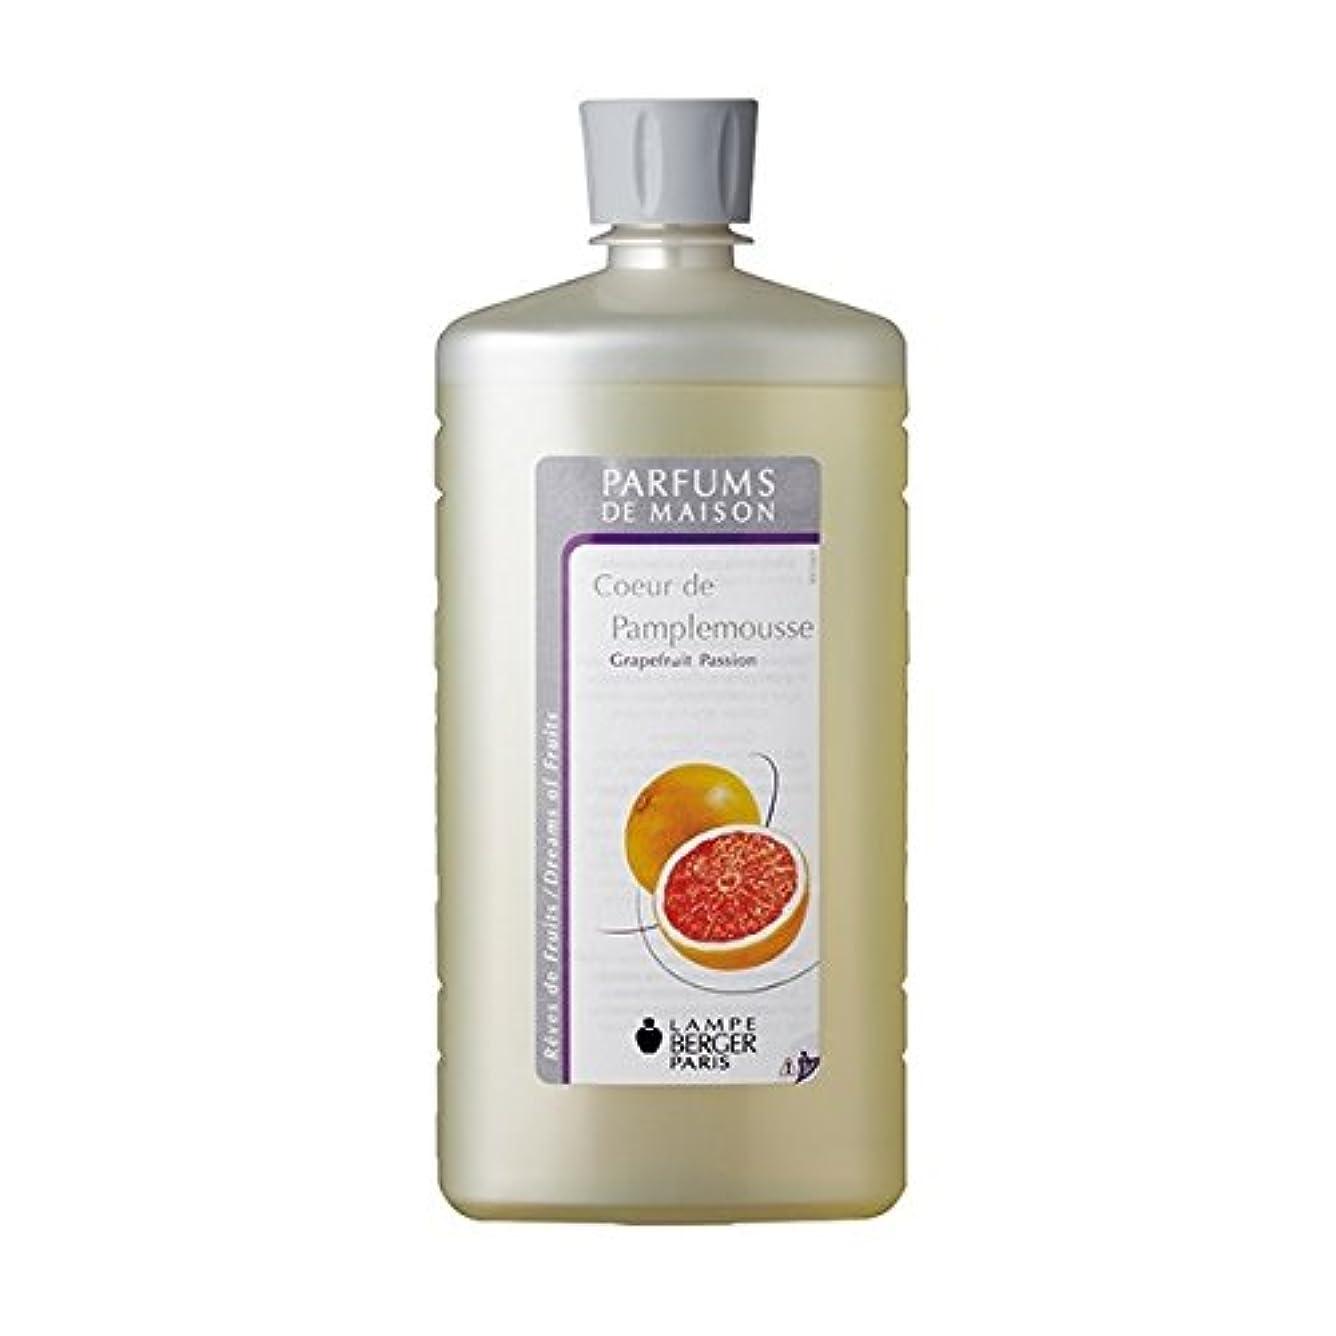 家庭重要環境に優しいランプベルジェオイル(グレープフルーツ)Coeur de Pamplemousse / Grapefruit Passion